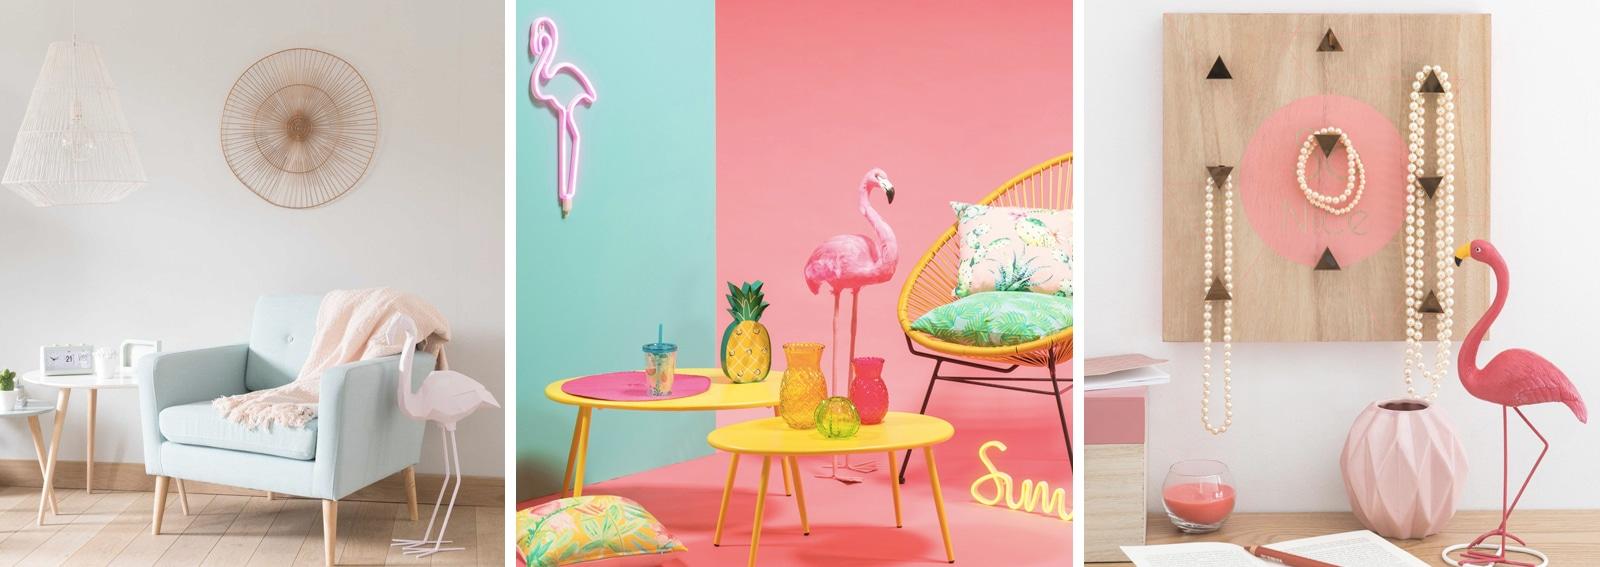 cover-fenicottero-home-decor-desktop